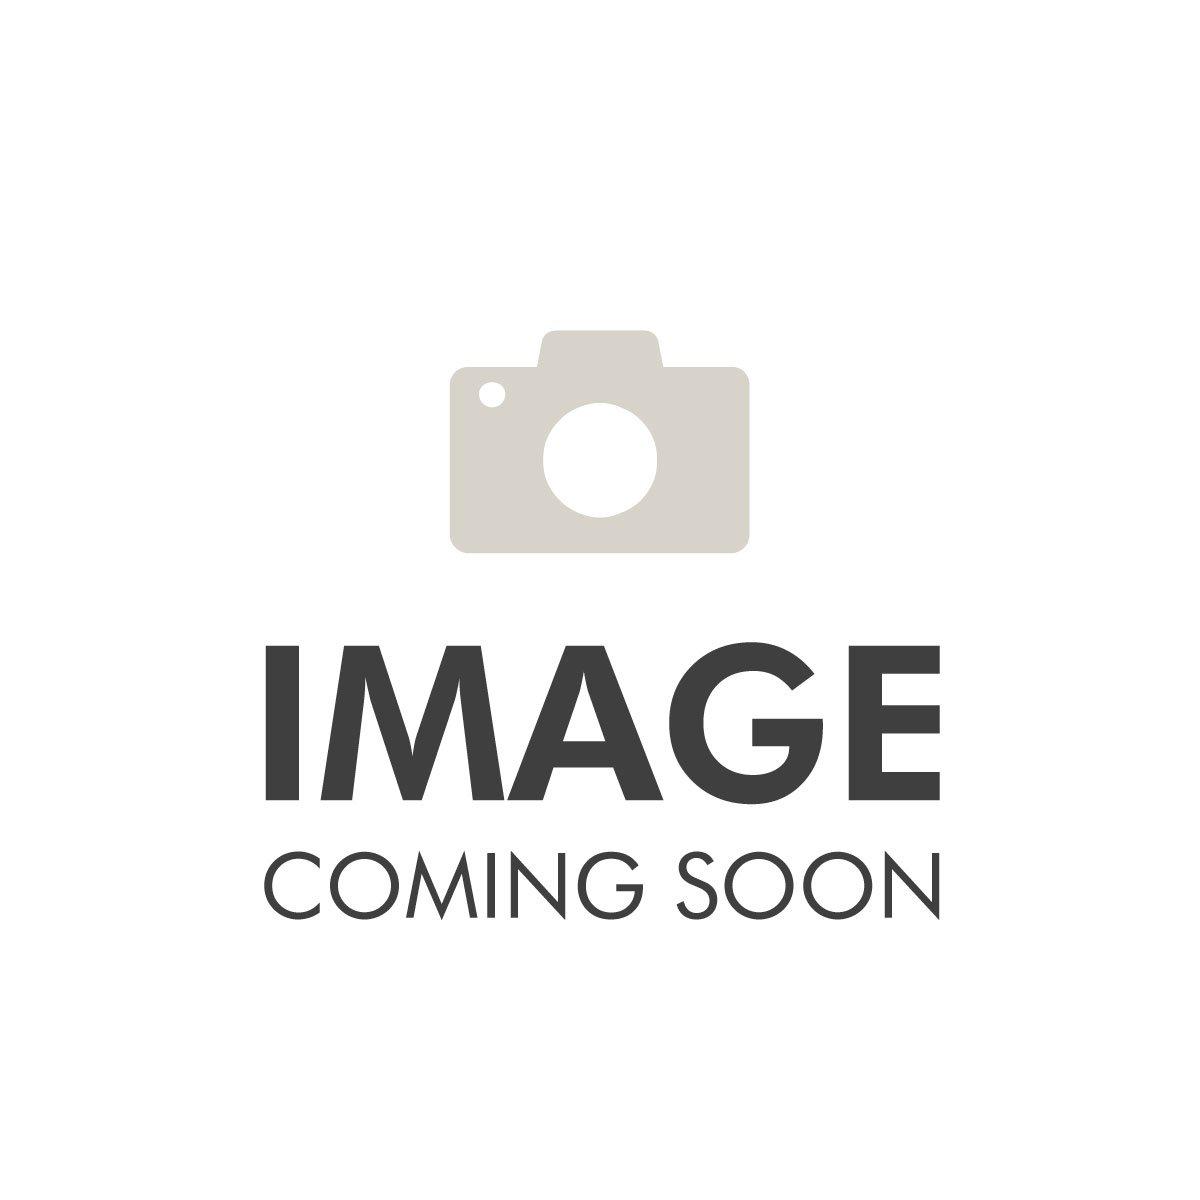 Clarins Ombre Iridescente Cream-to-Powder Eyeshadow 7g - 05 Silver Pink